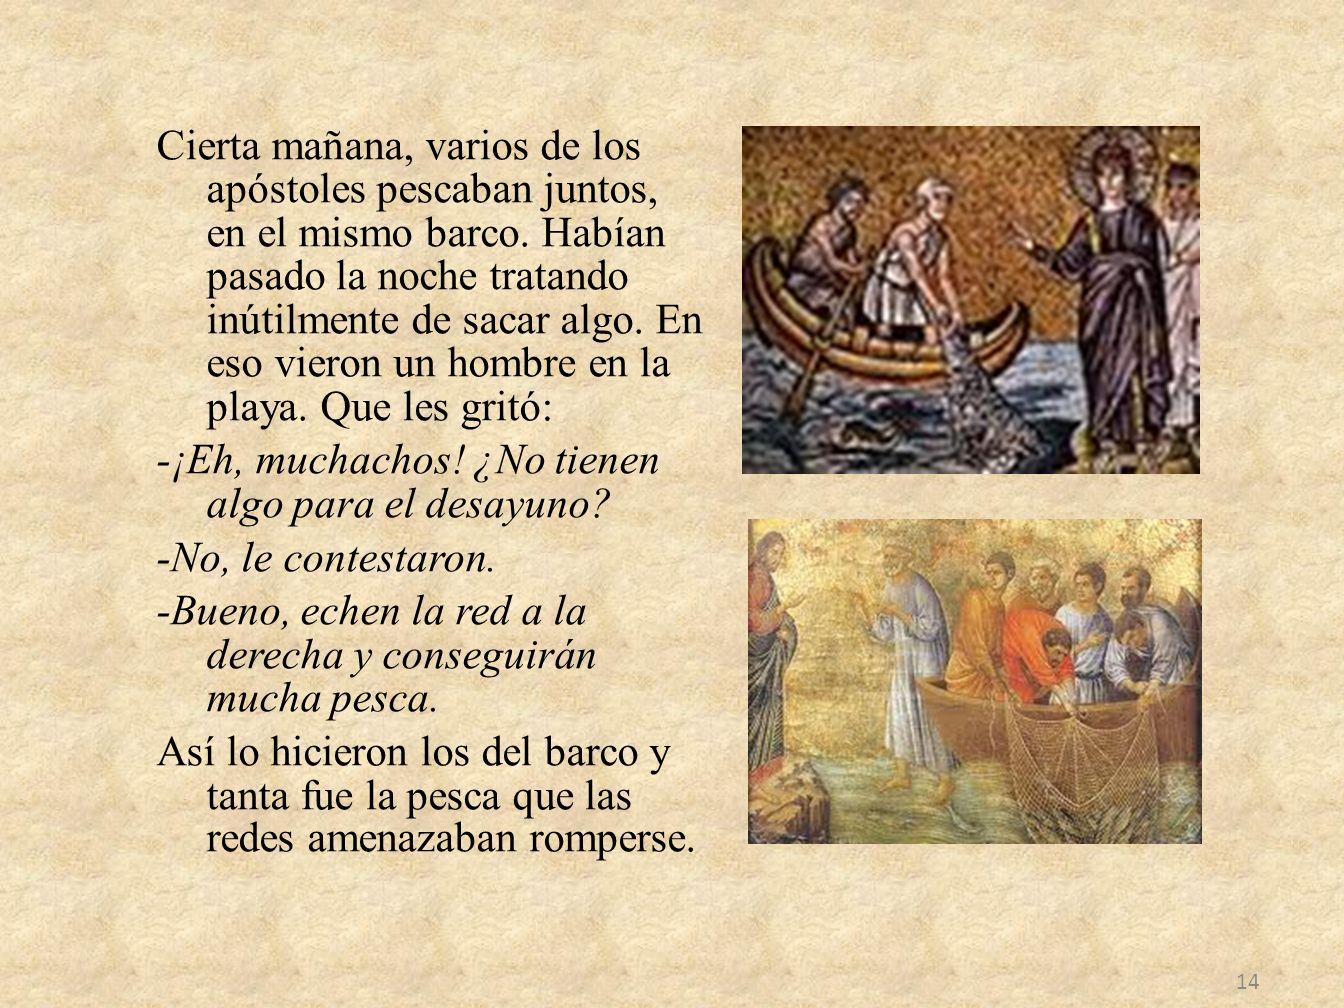 Cierta mañana, varios de los apóstoles pescaban juntos, en el mismo barco. Habían pasado la noche tratando inútilmente de sacar algo. En eso vieron un